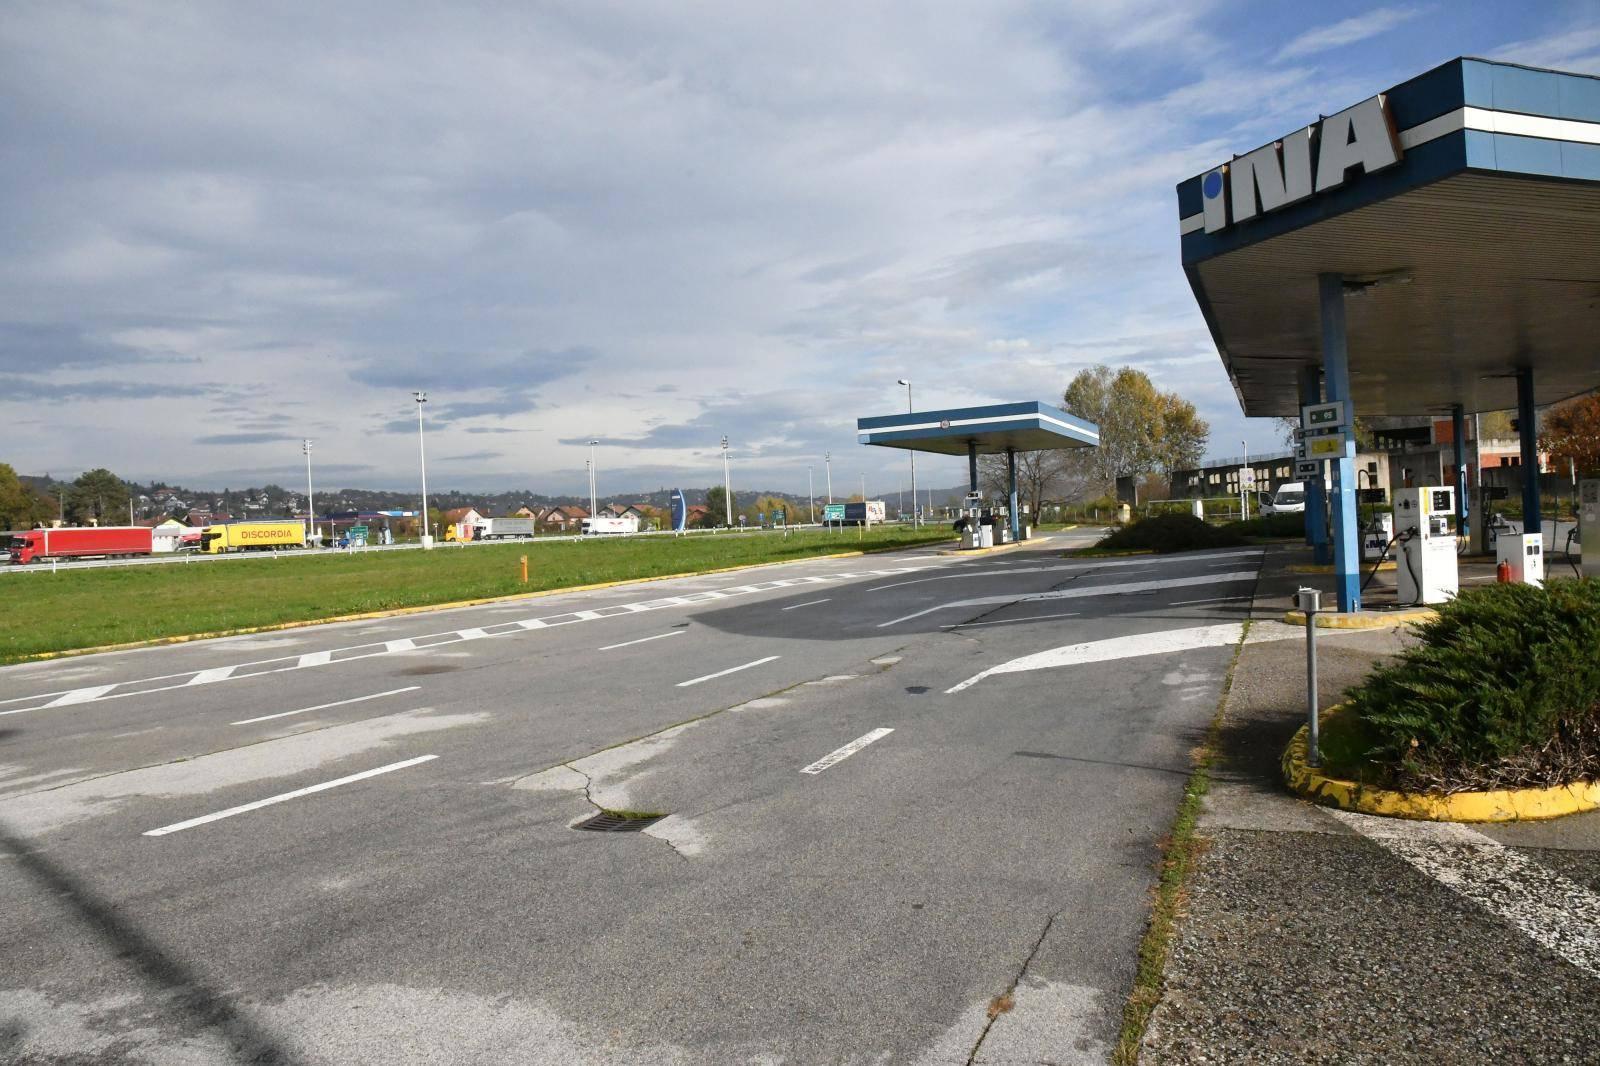 Odmorište na autocesti A3 pokraj Slavonskog Broda gdje su se na parkiralištu sukobili navijači